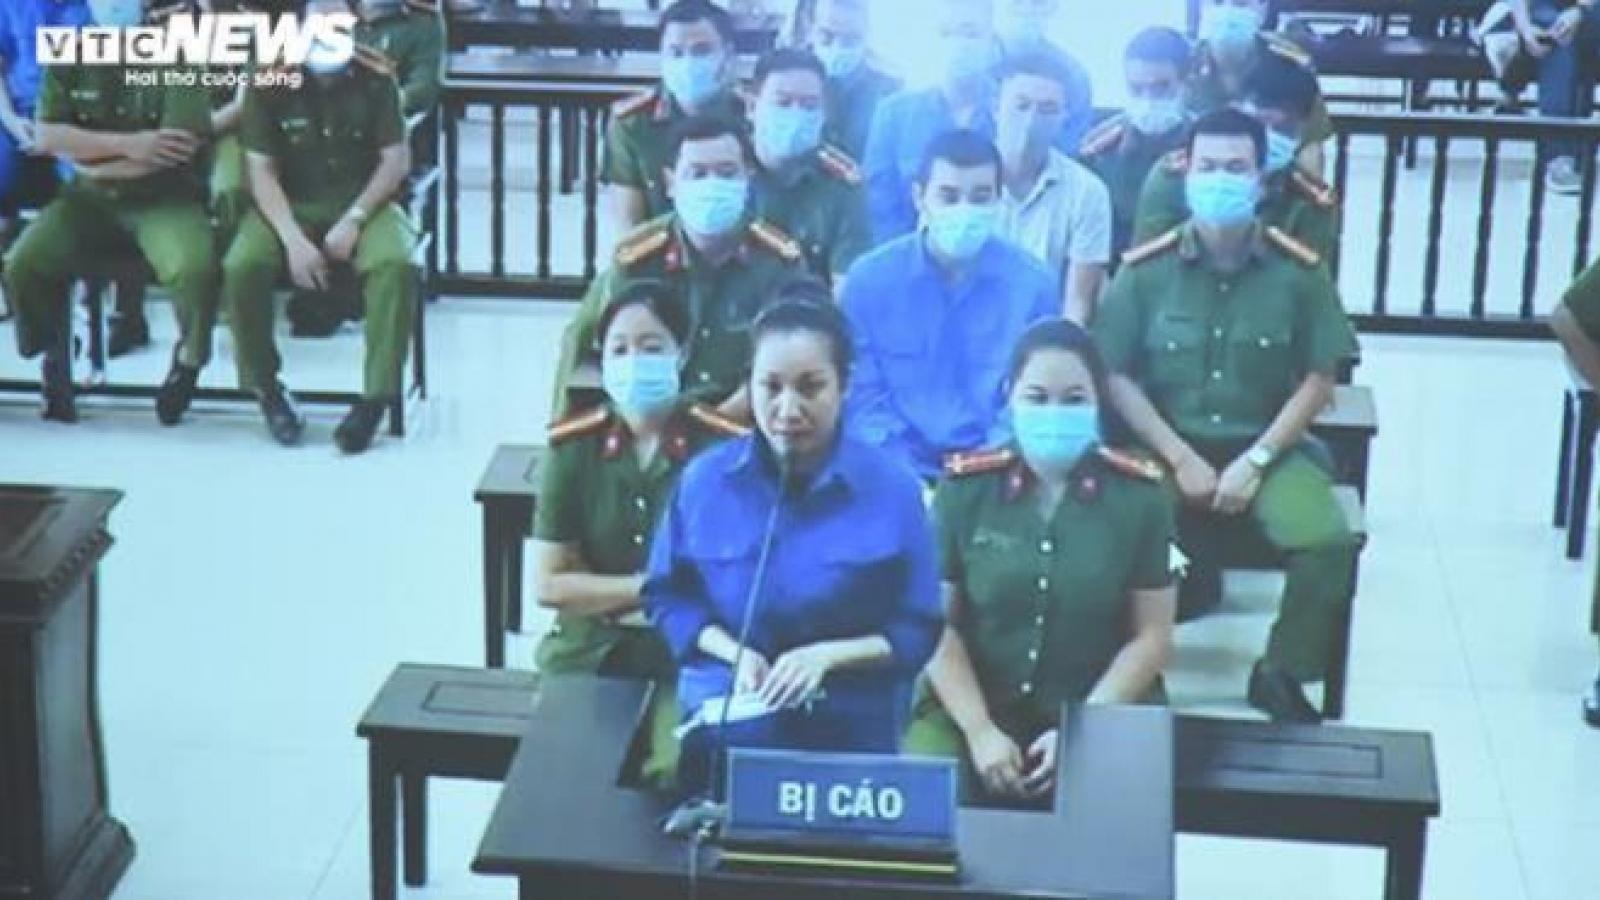 Sáng nay xét xử vợ Đường 'Nhuệ' và 4 cán bộ ở Thái Bình thao túng đấu giá đất